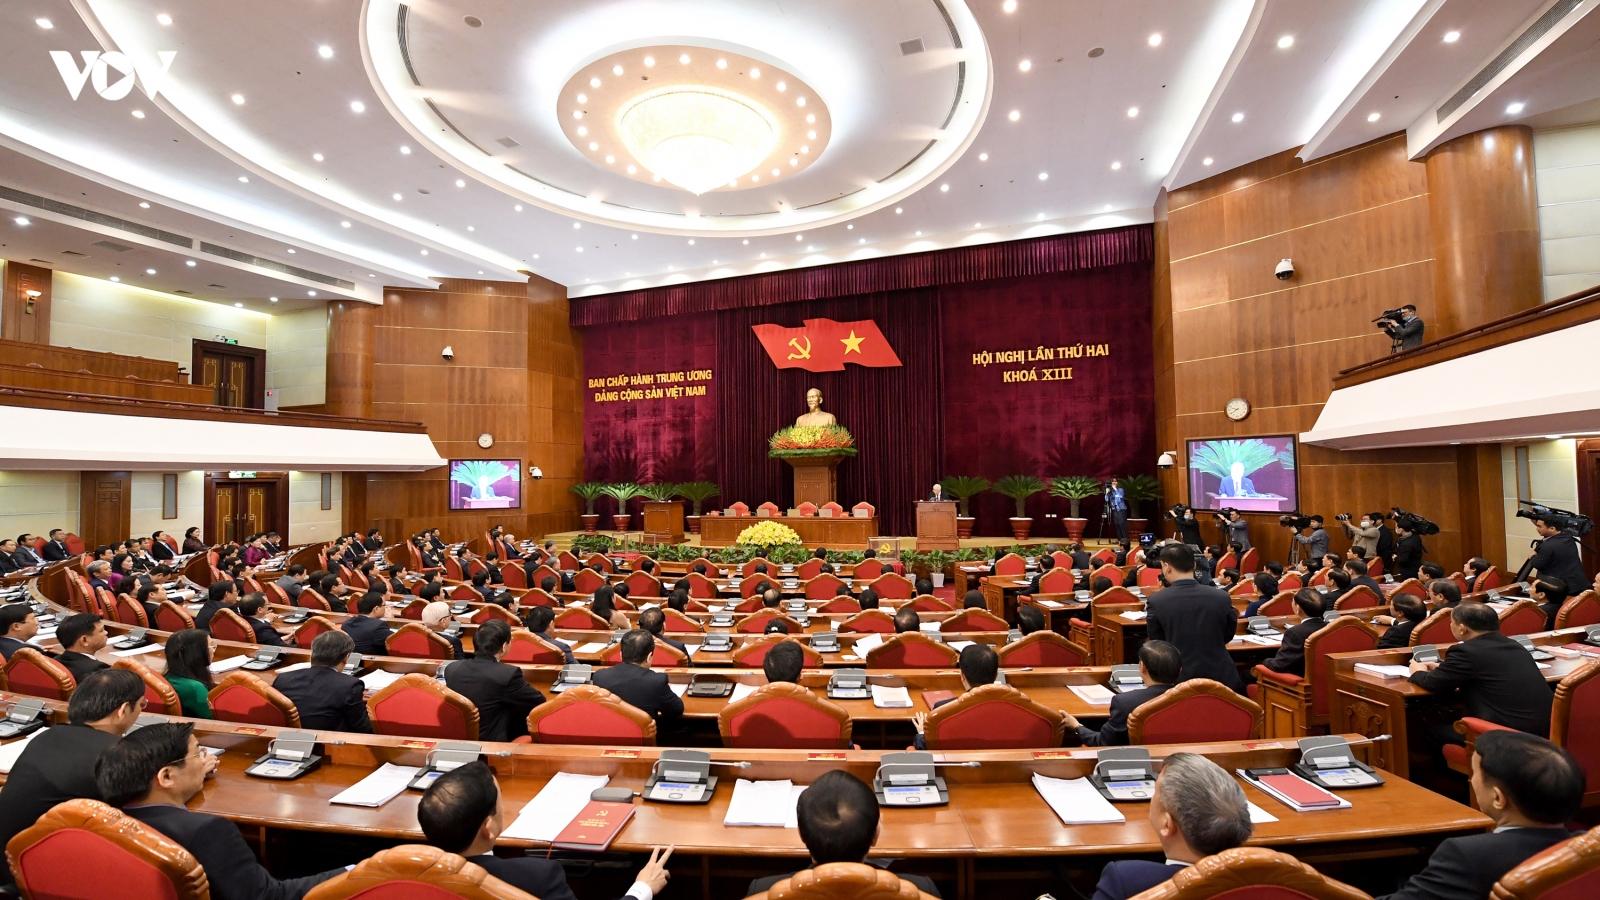 Thông cáo báo chíphiên bế mạc Hội nghị Trung ương 2, khóa XIII